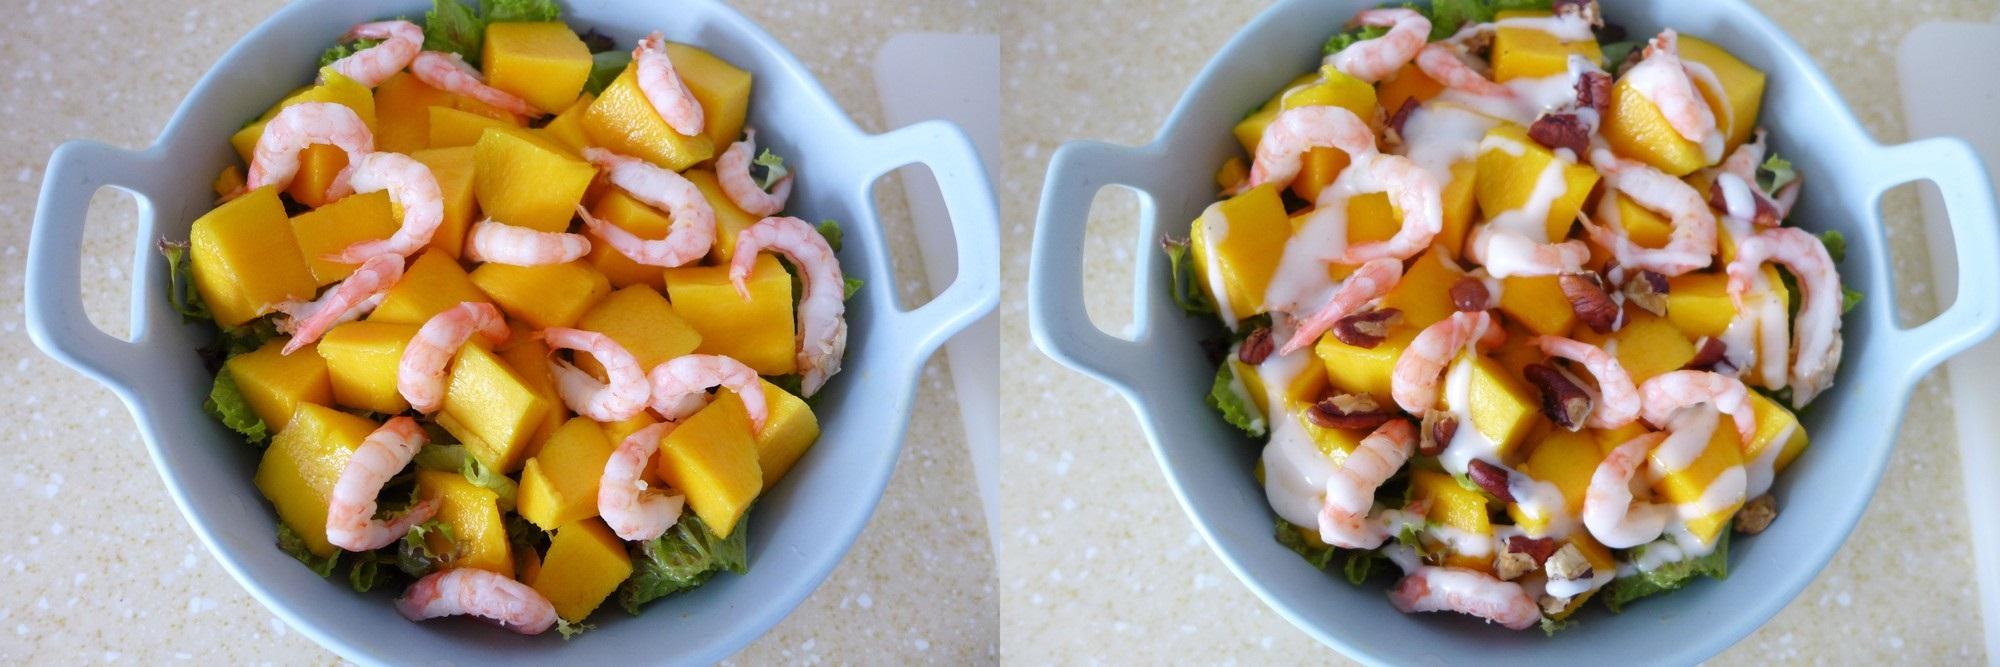 Có món salad siêu ngon tôi ăn mãi không chán, 7 ngày đã giảm 3cm vòng eo! - Ảnh 3